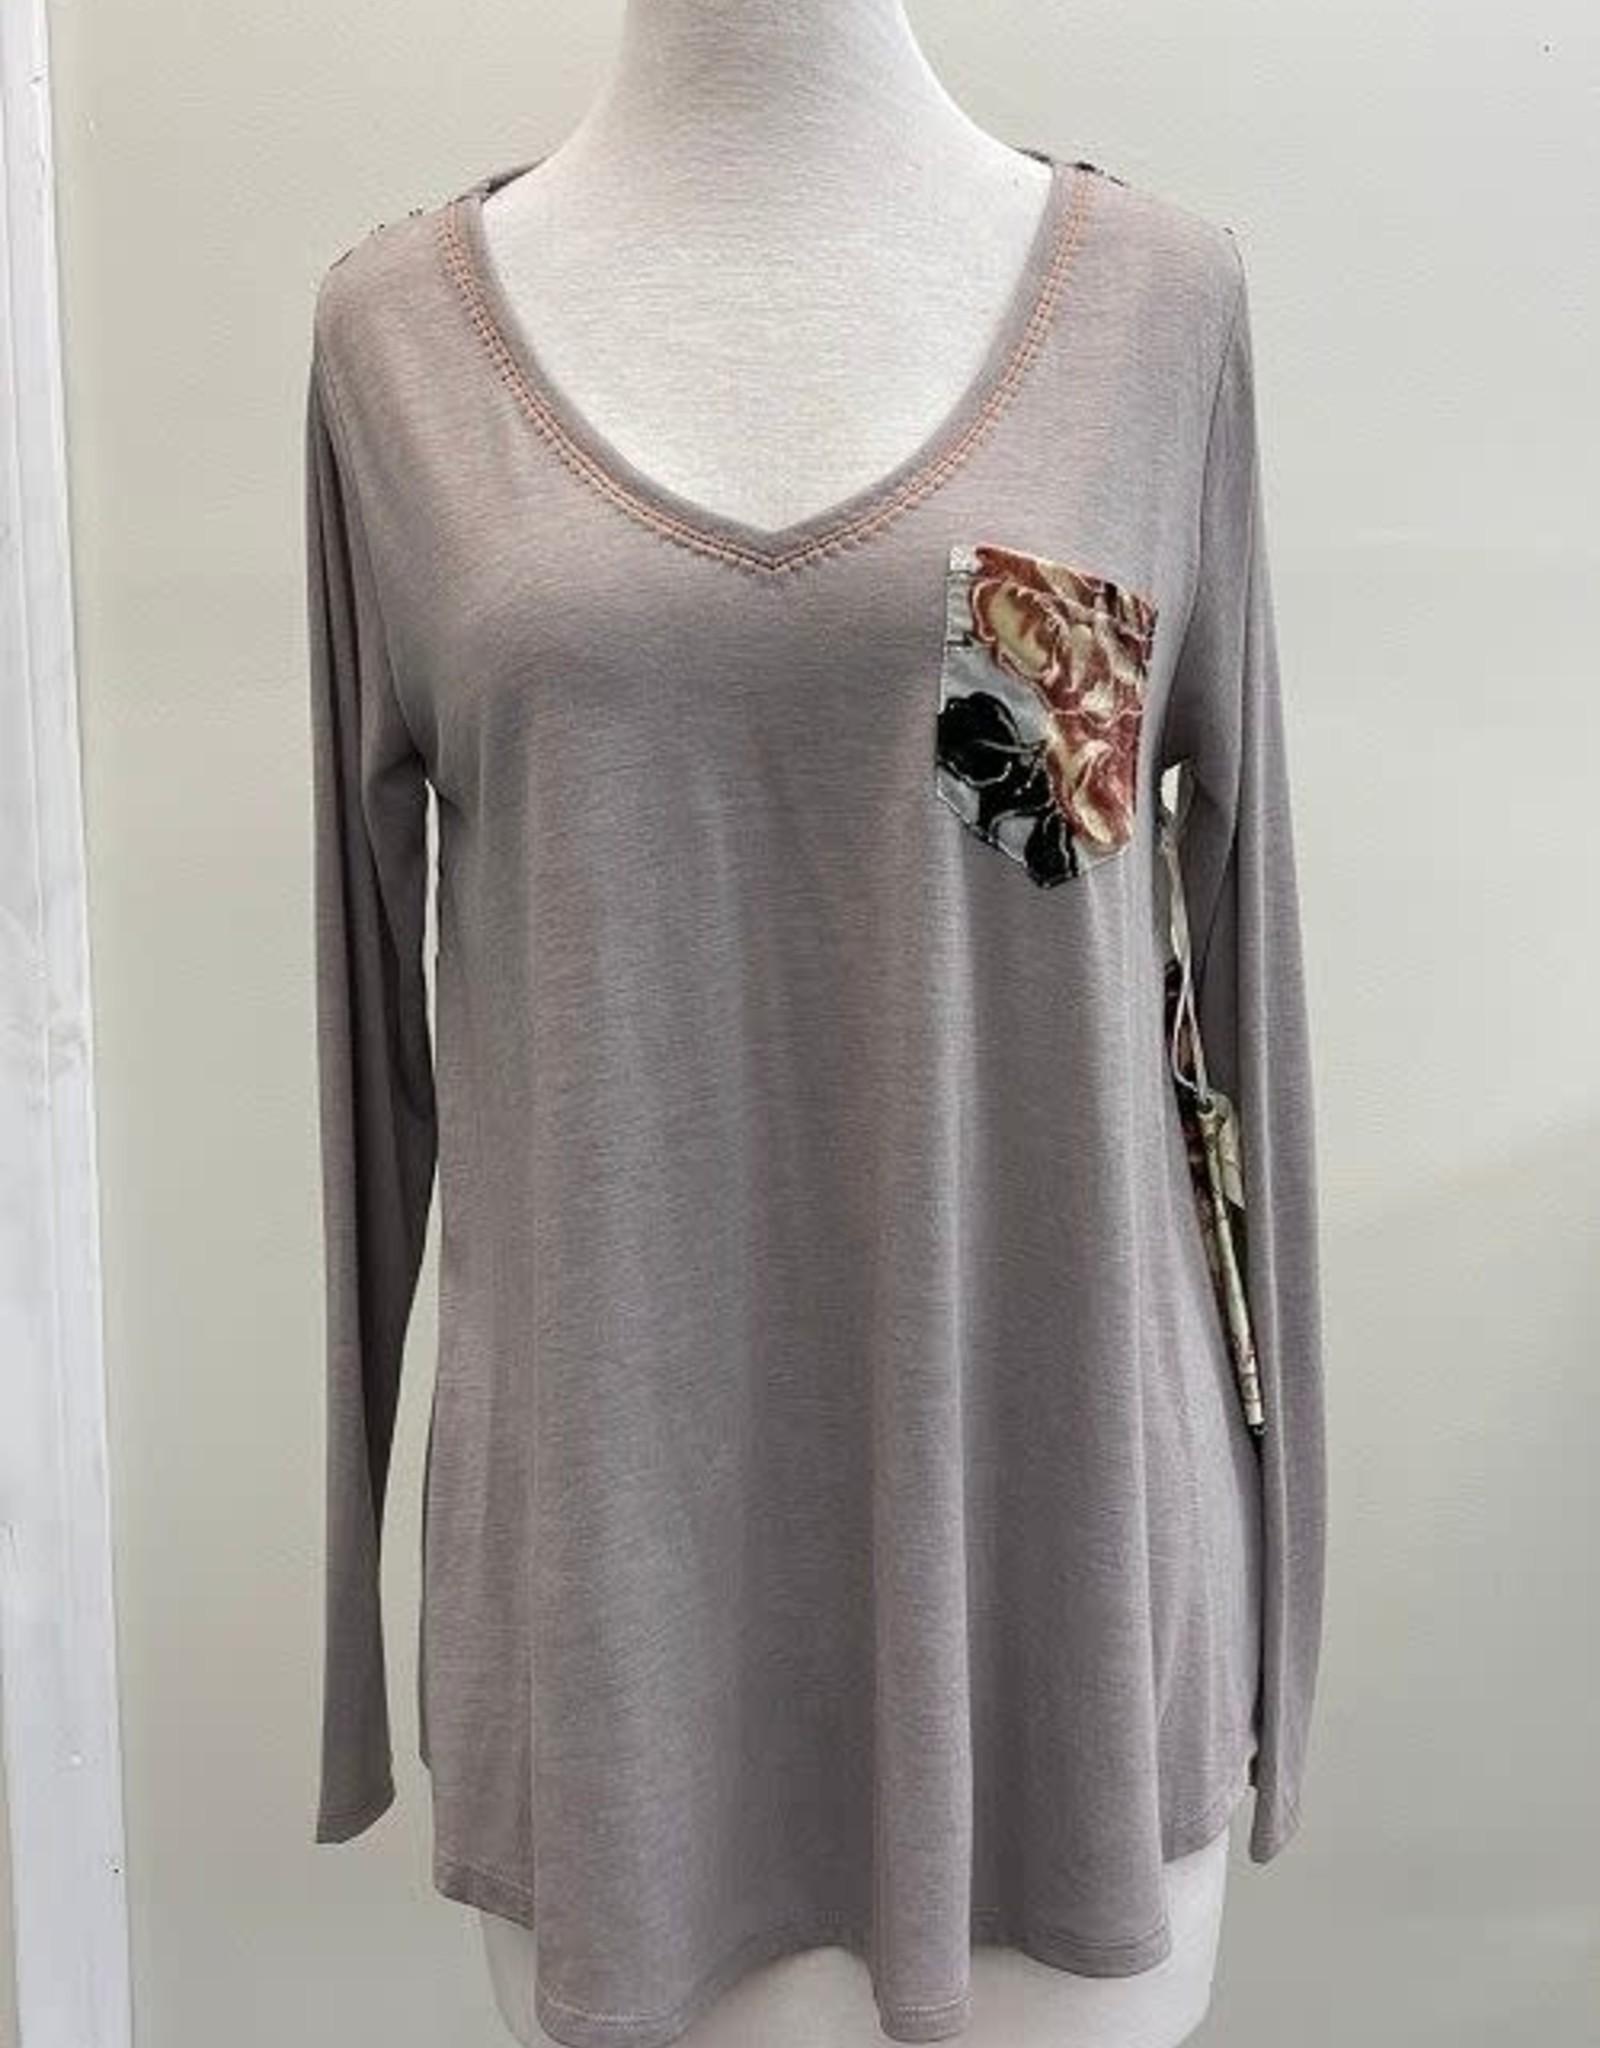 Aratta Gift Knit Top